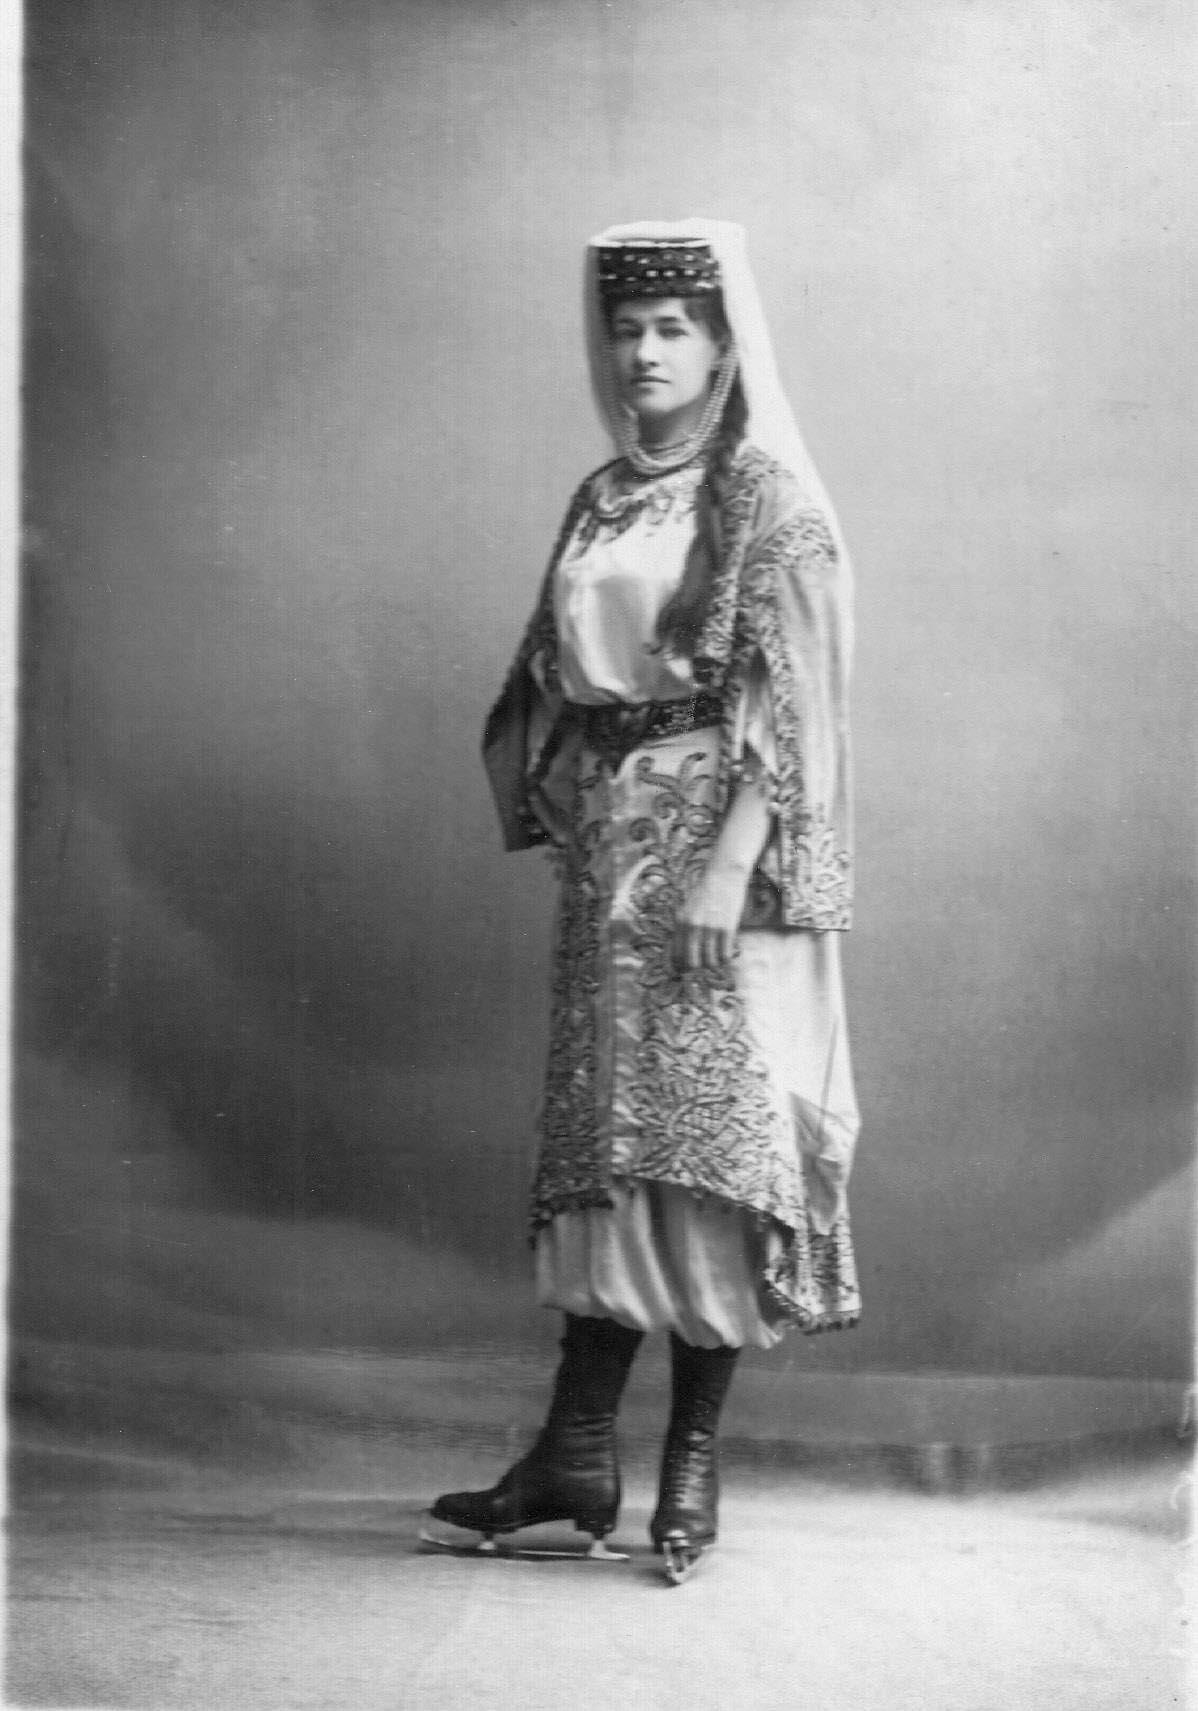 Л.Попова - фигуристка, член Петербургского общества любителей бега на коньках, в молдавском костюме. 1911-1914